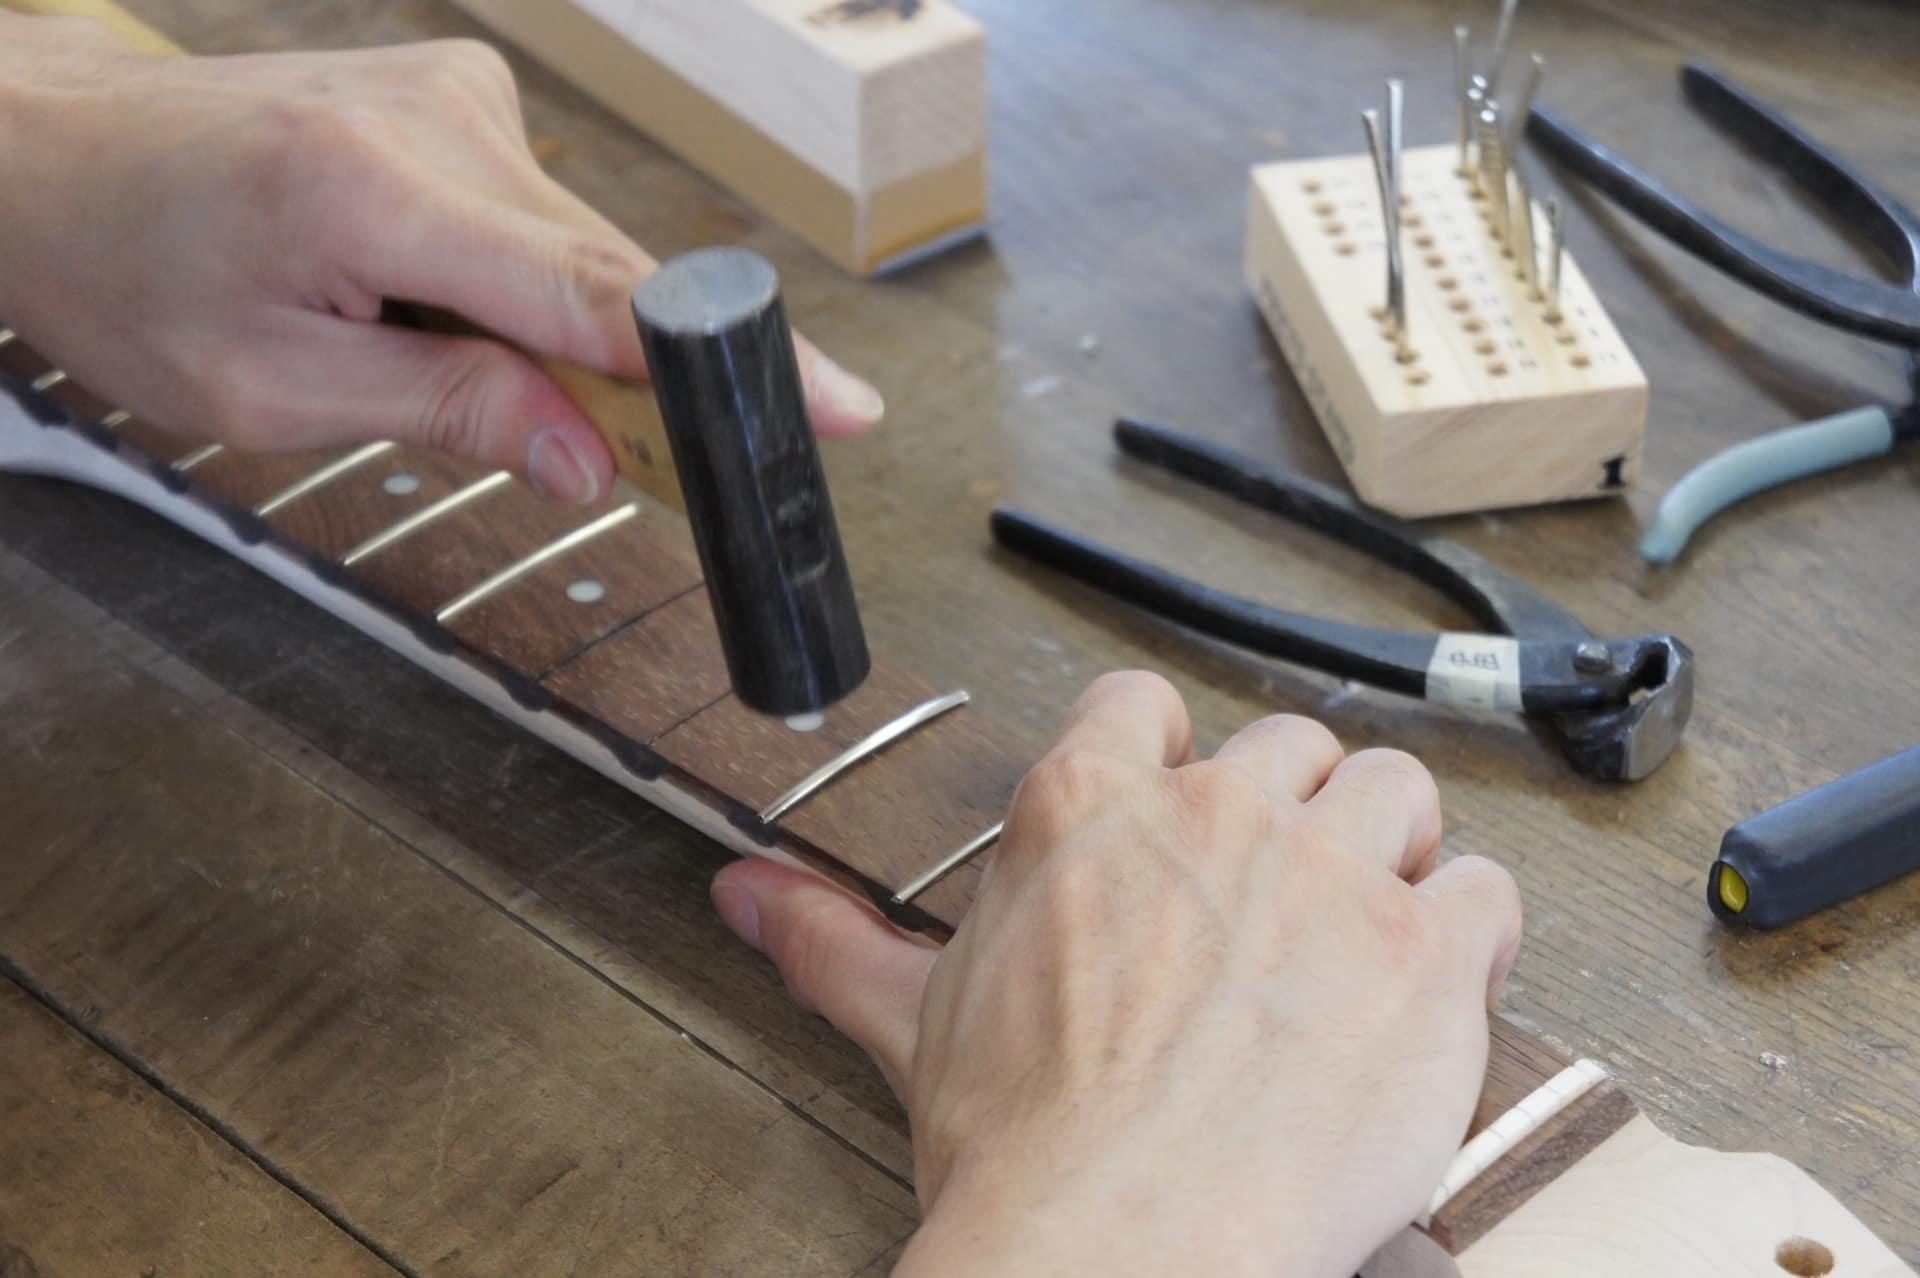 ギターリペア教室